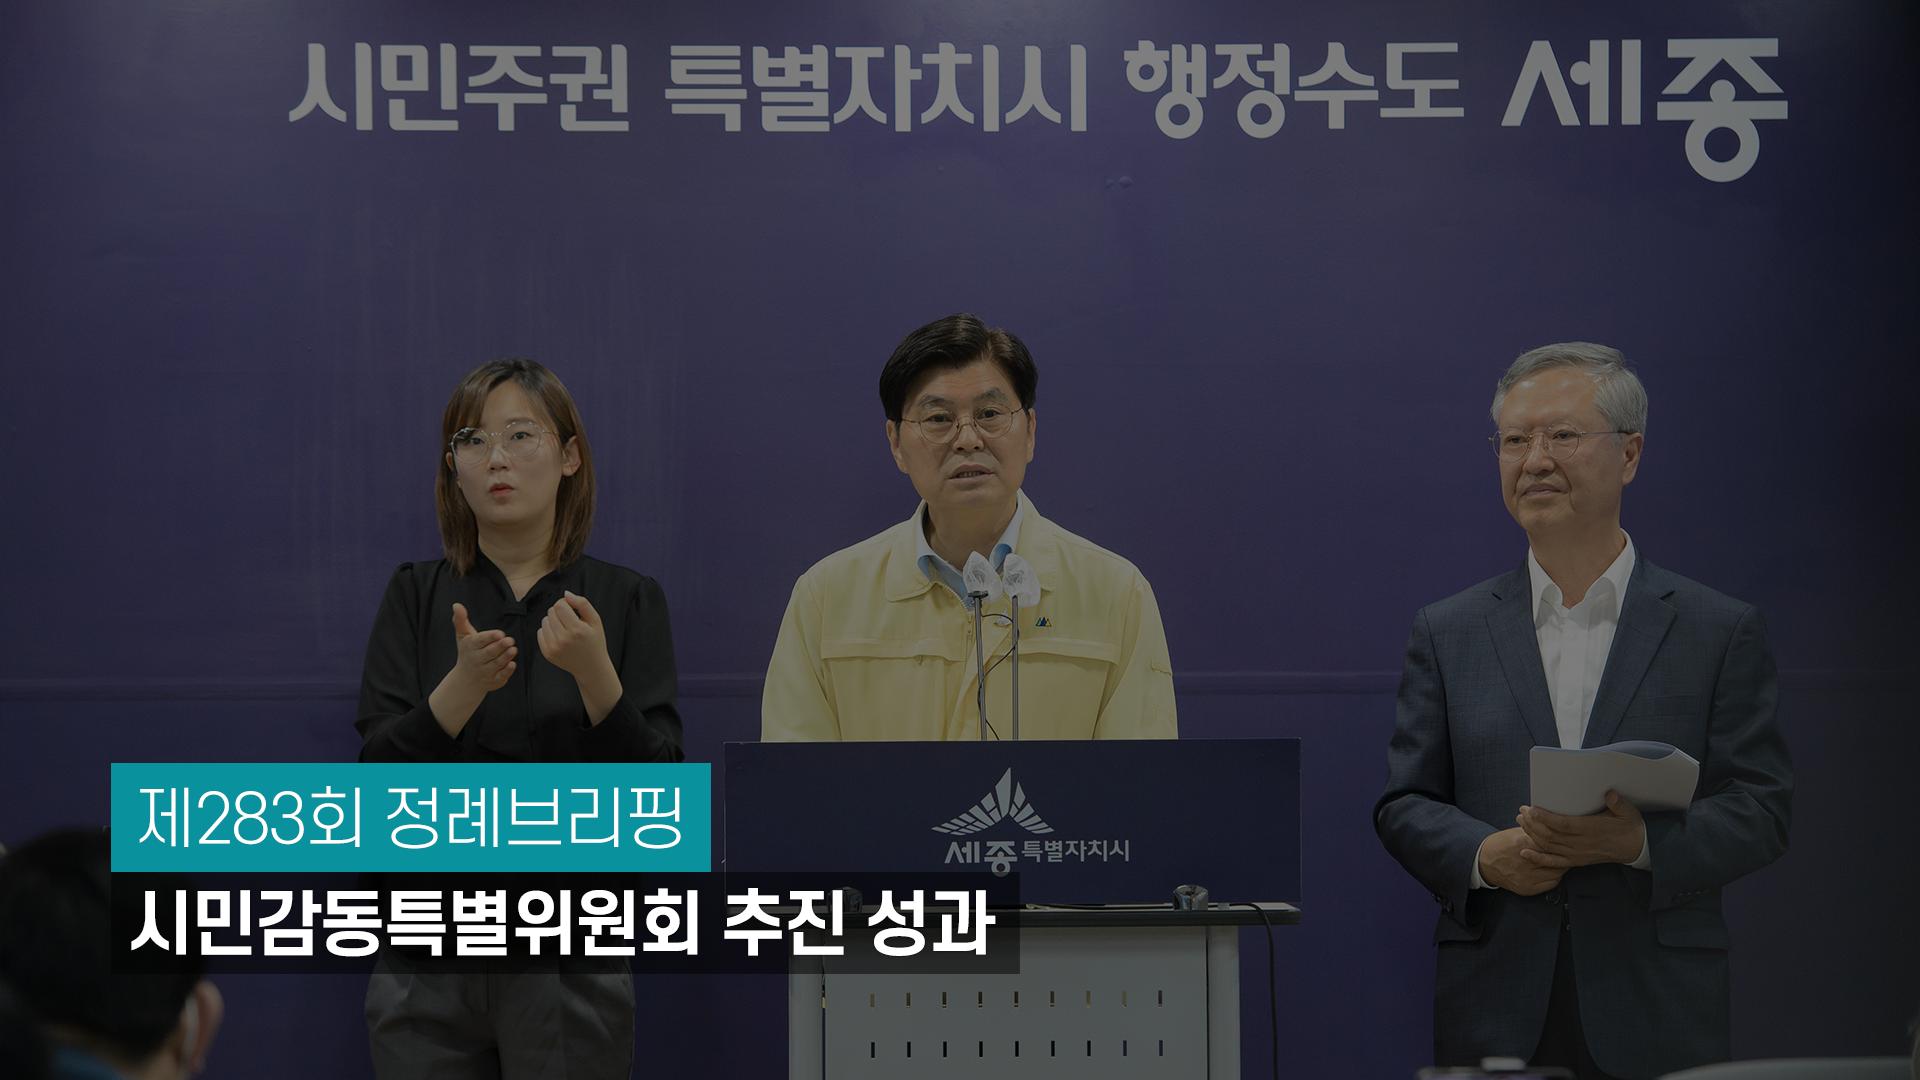 <283번째 정례브리핑> 시민감동특별위원회 추진성과(시장님)